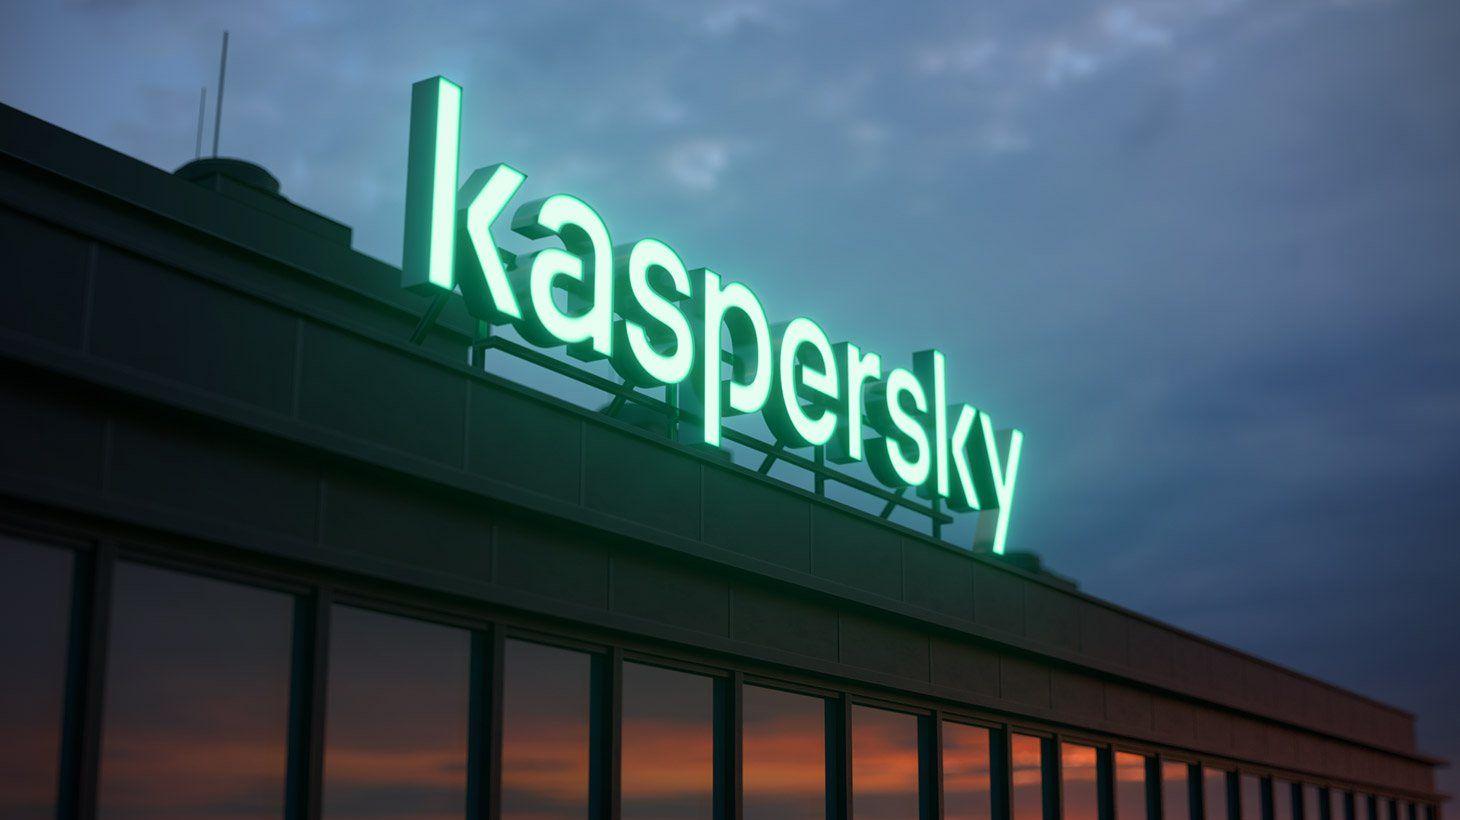 Nuestro logotipo en el techo de las oficinas centrales de Kaspersky.